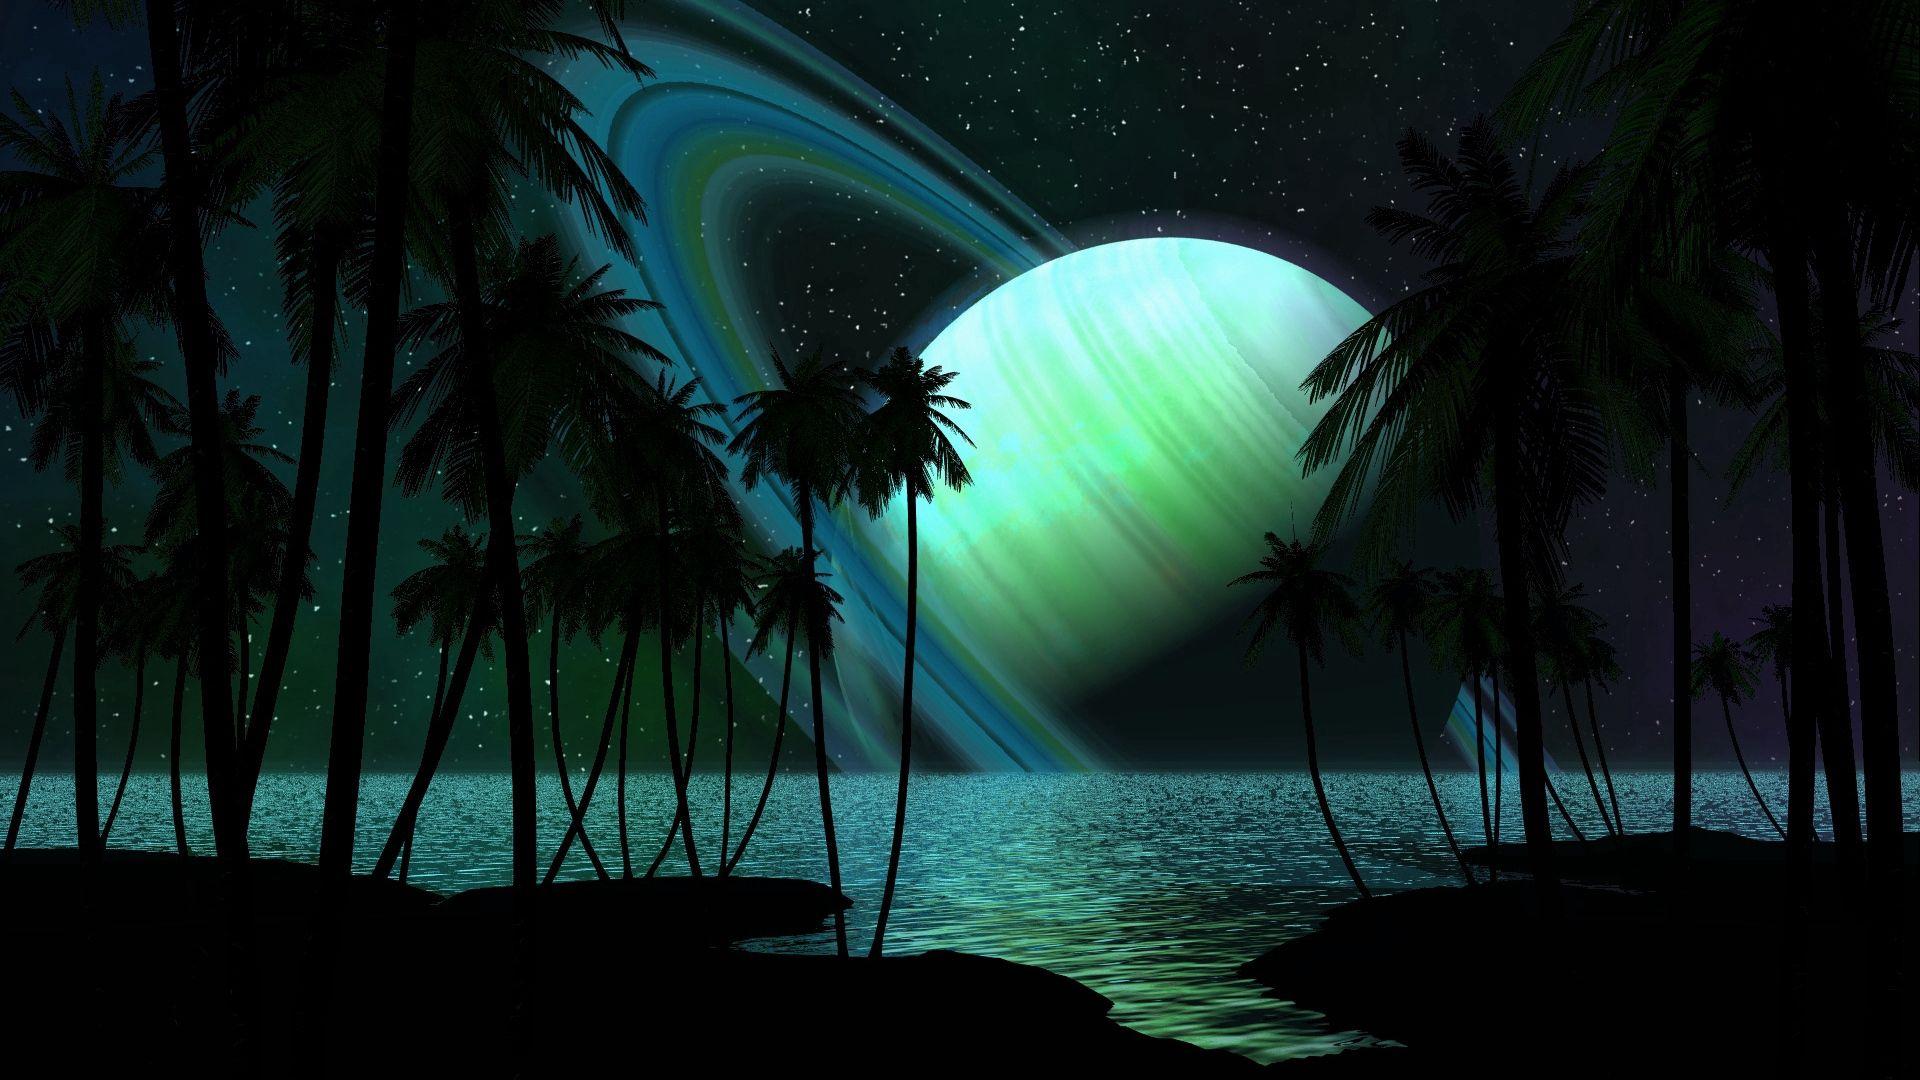 52757 скачать обои Свет, Абстракция, Небо, Пальмы, Планета, Сатурн - заставки и картинки бесплатно